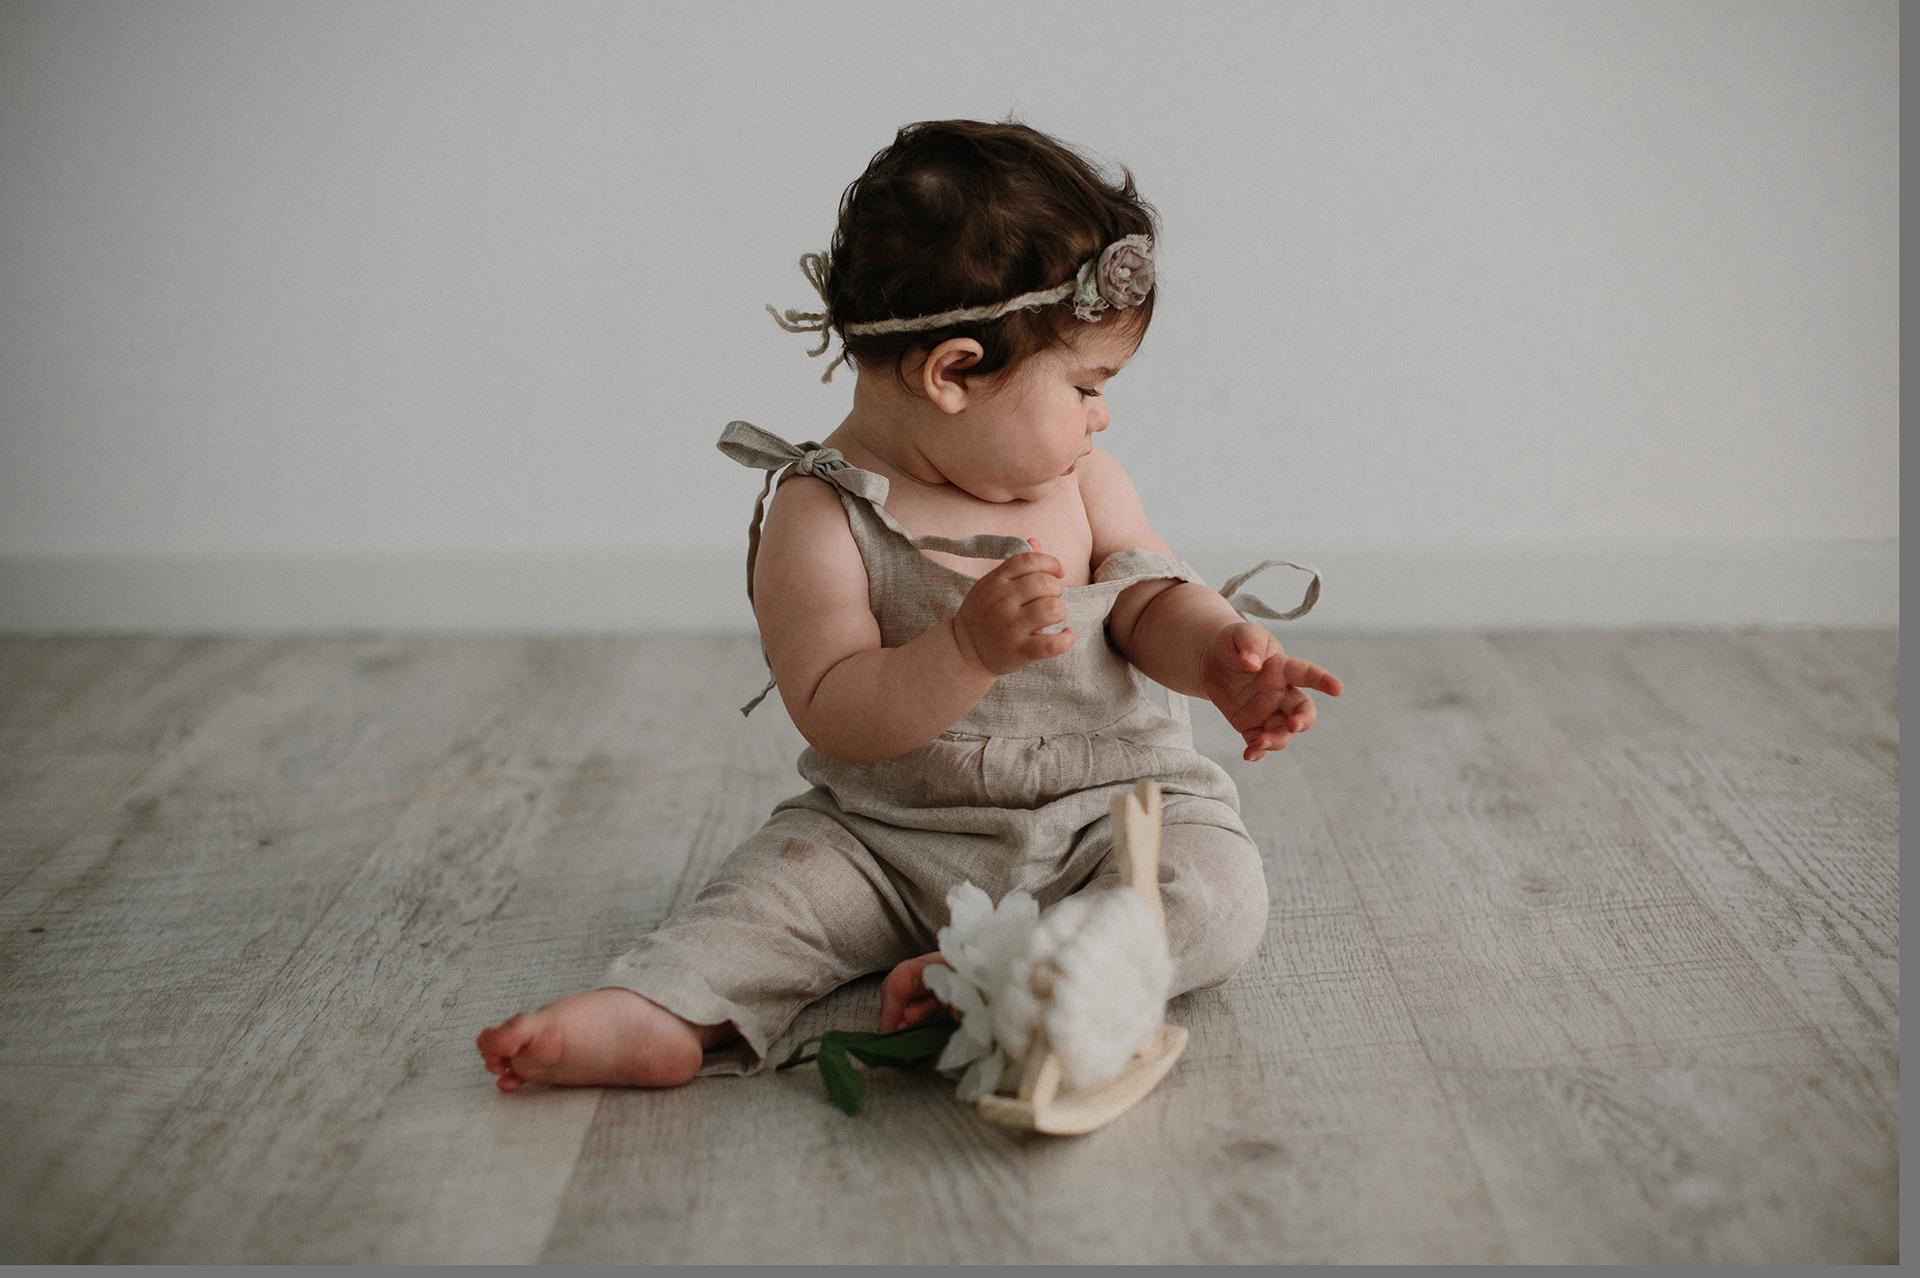 bebè cerca di togliersi i vestiti